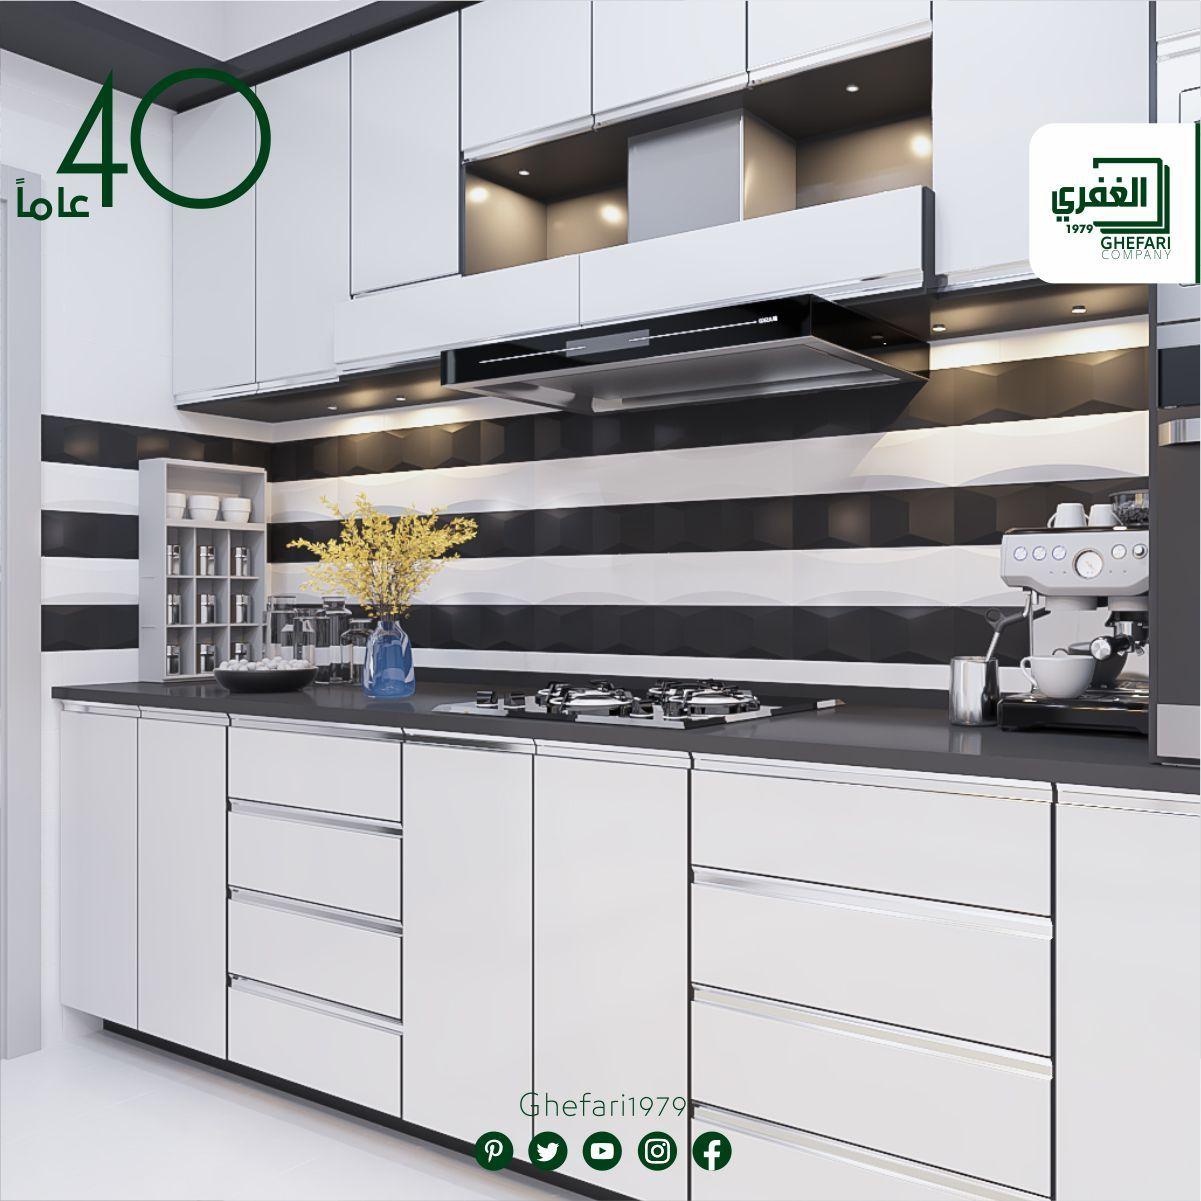 بورسلان حوائط حمامات مطبخ 3d اسباني الصنع ديكور 12 6x38 2 للمزيد زورونا على موقع الشركة Www Ghefari Com الرقم المجاني 170 Kitchen Kitchen Cabinets Home